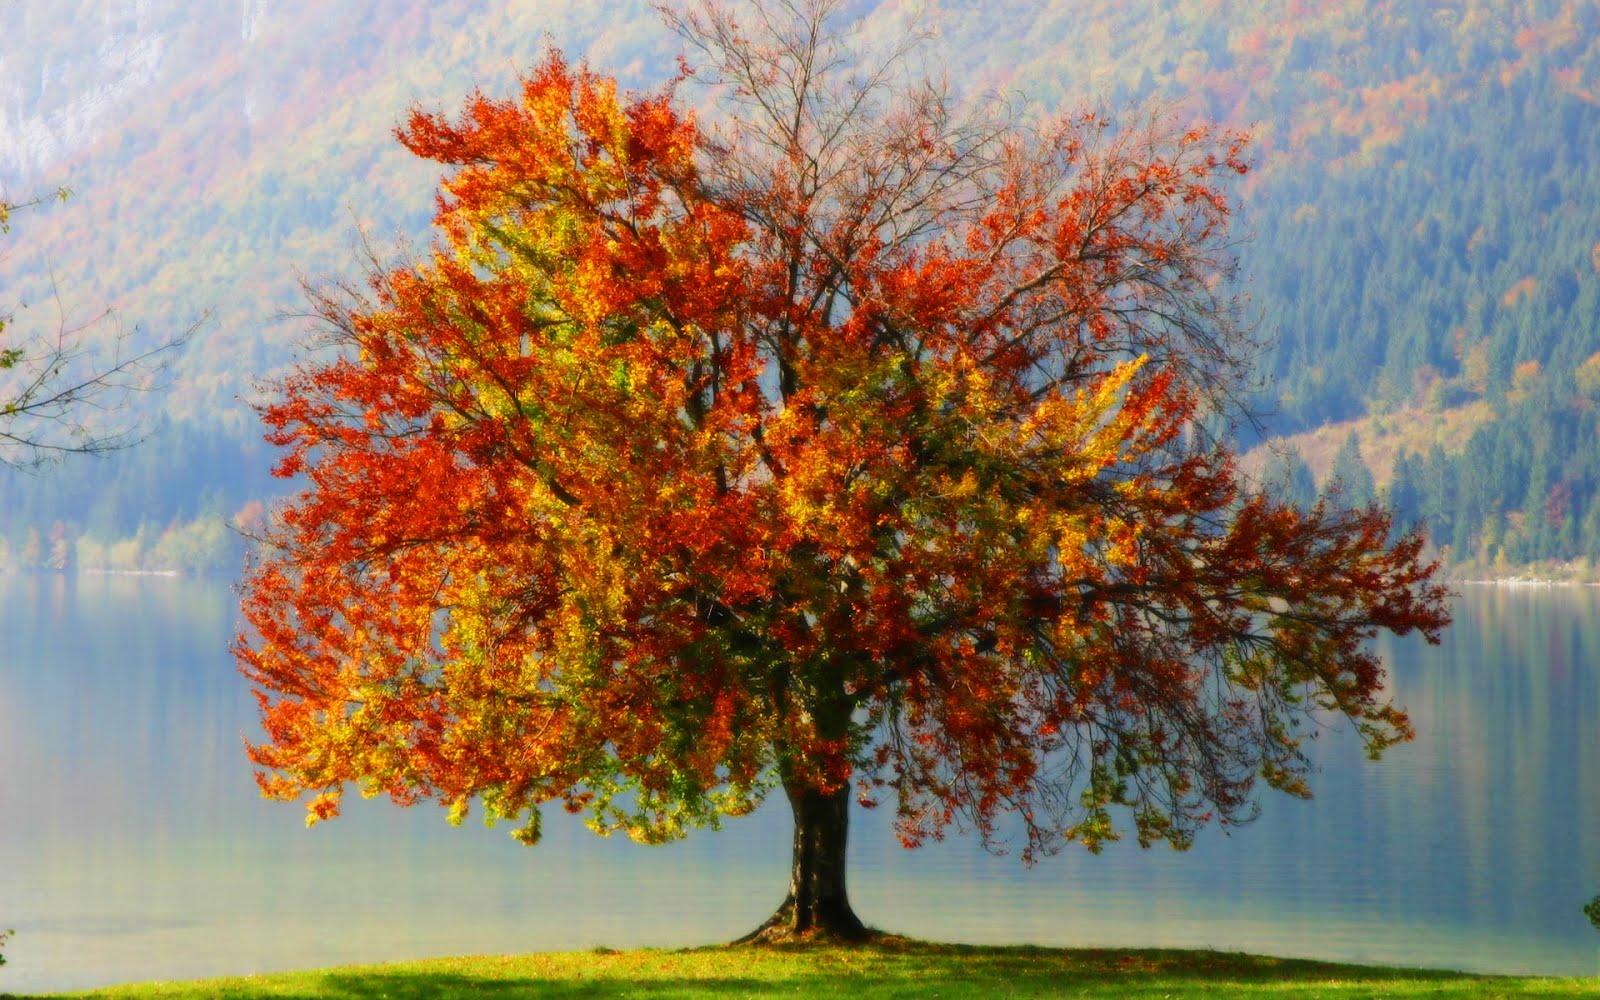 Daniel sierra single tree green tree wallpeprs for for Tree wallpaper